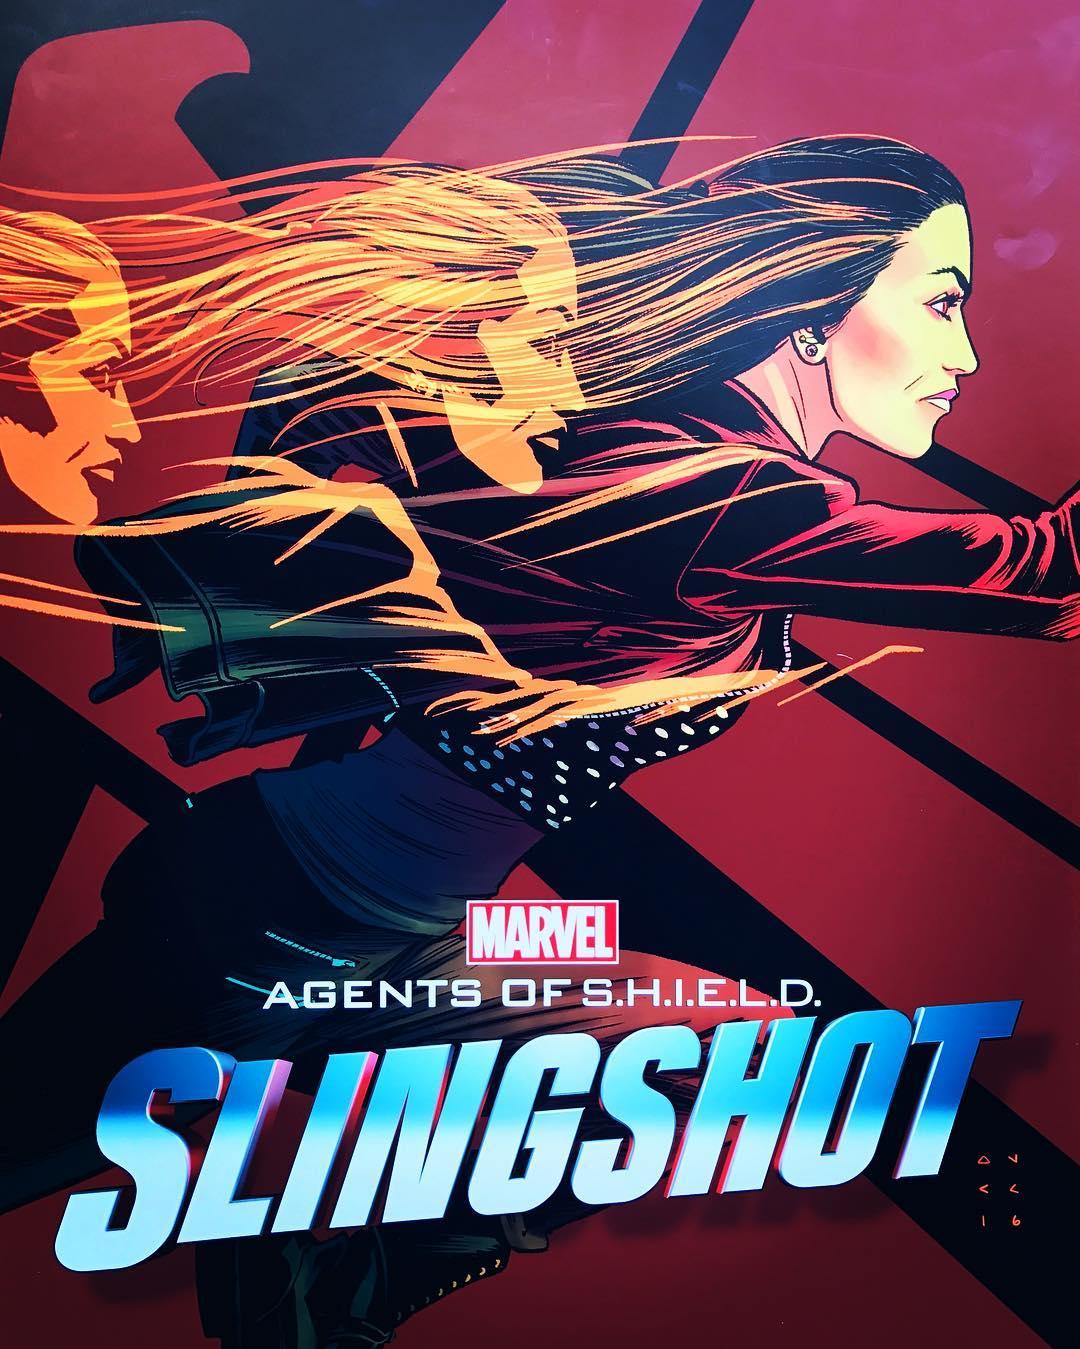 agents-shield-slingshot-poster